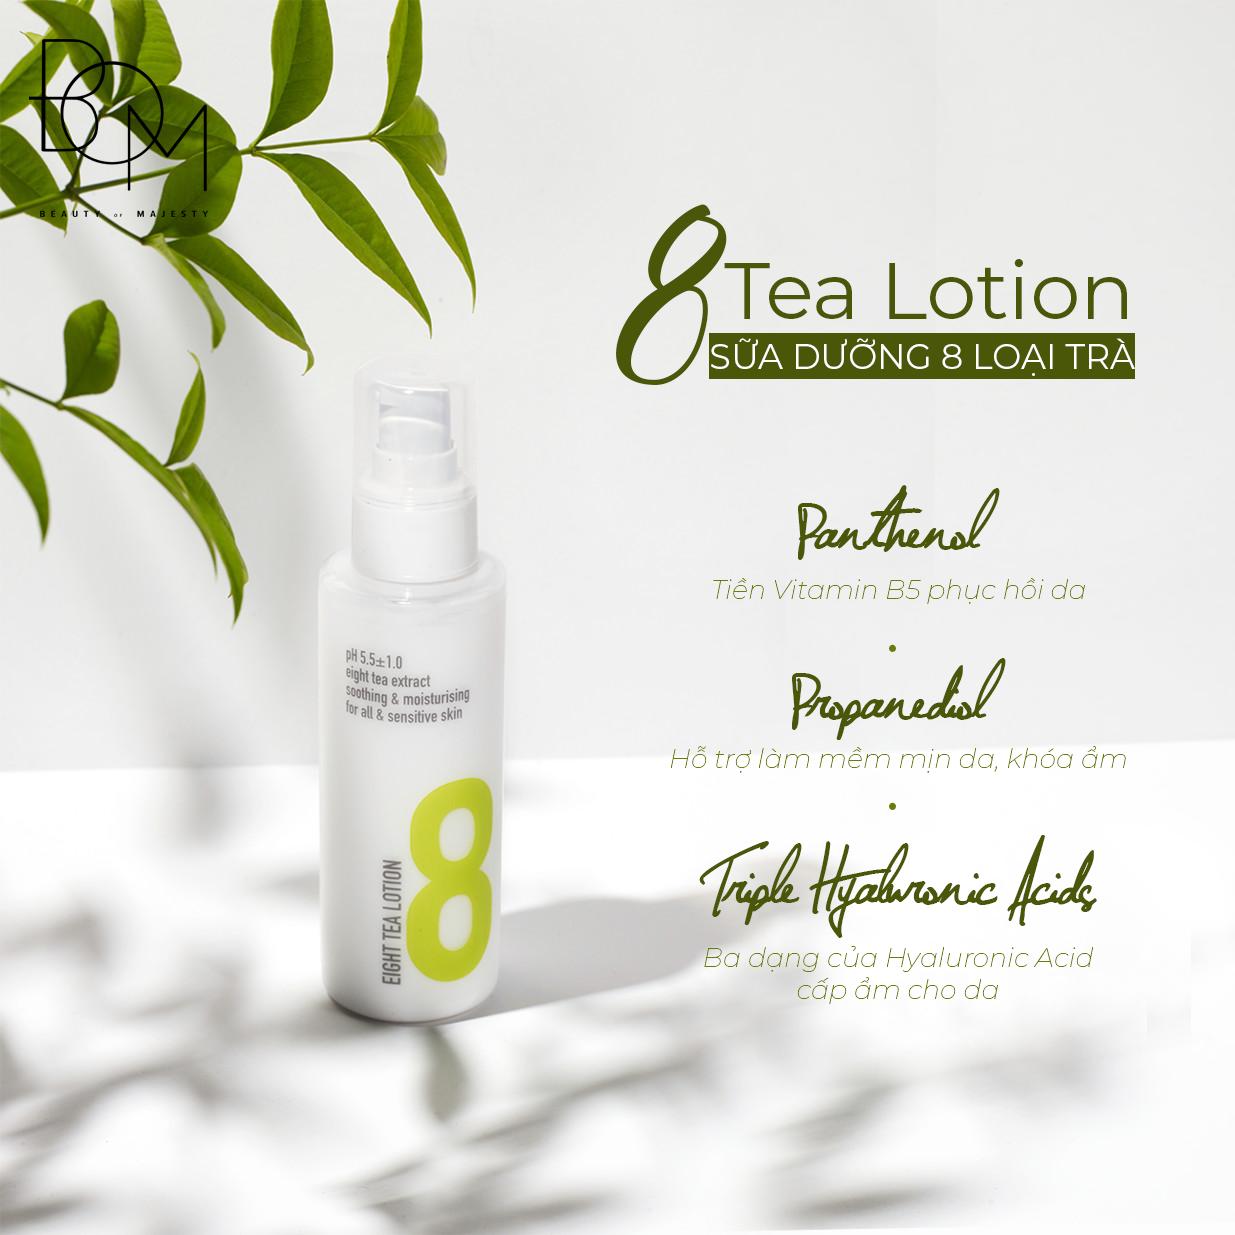 Các hợp chất dưỡng da hiệu quả của Sữa dưỡng 8 Loại trà B.O.M Eight Tea Lotion